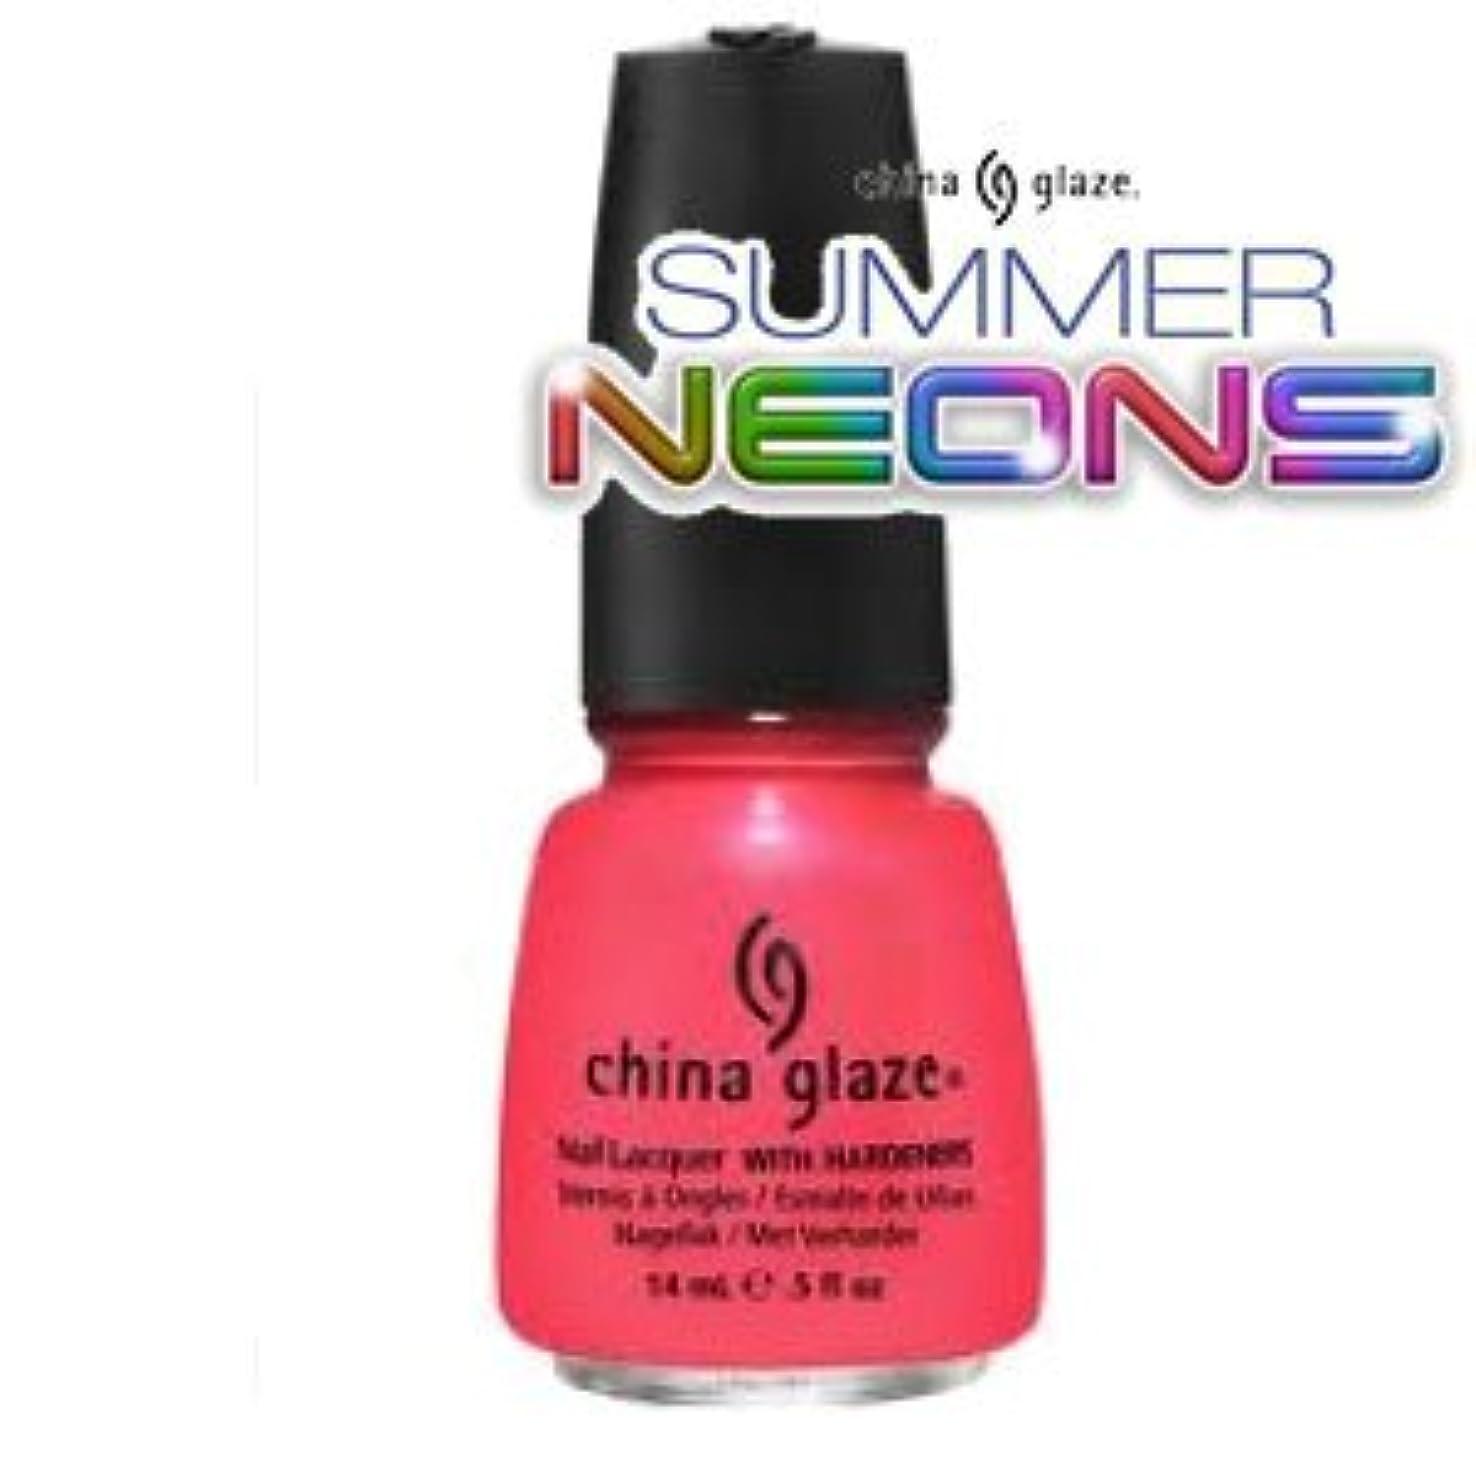 ブランド名資金アレルギー性(チャイナグレイズ)China Glaze Flirty Tankiniーサマーネオン コレクション [海外直送品][並行輸入品]